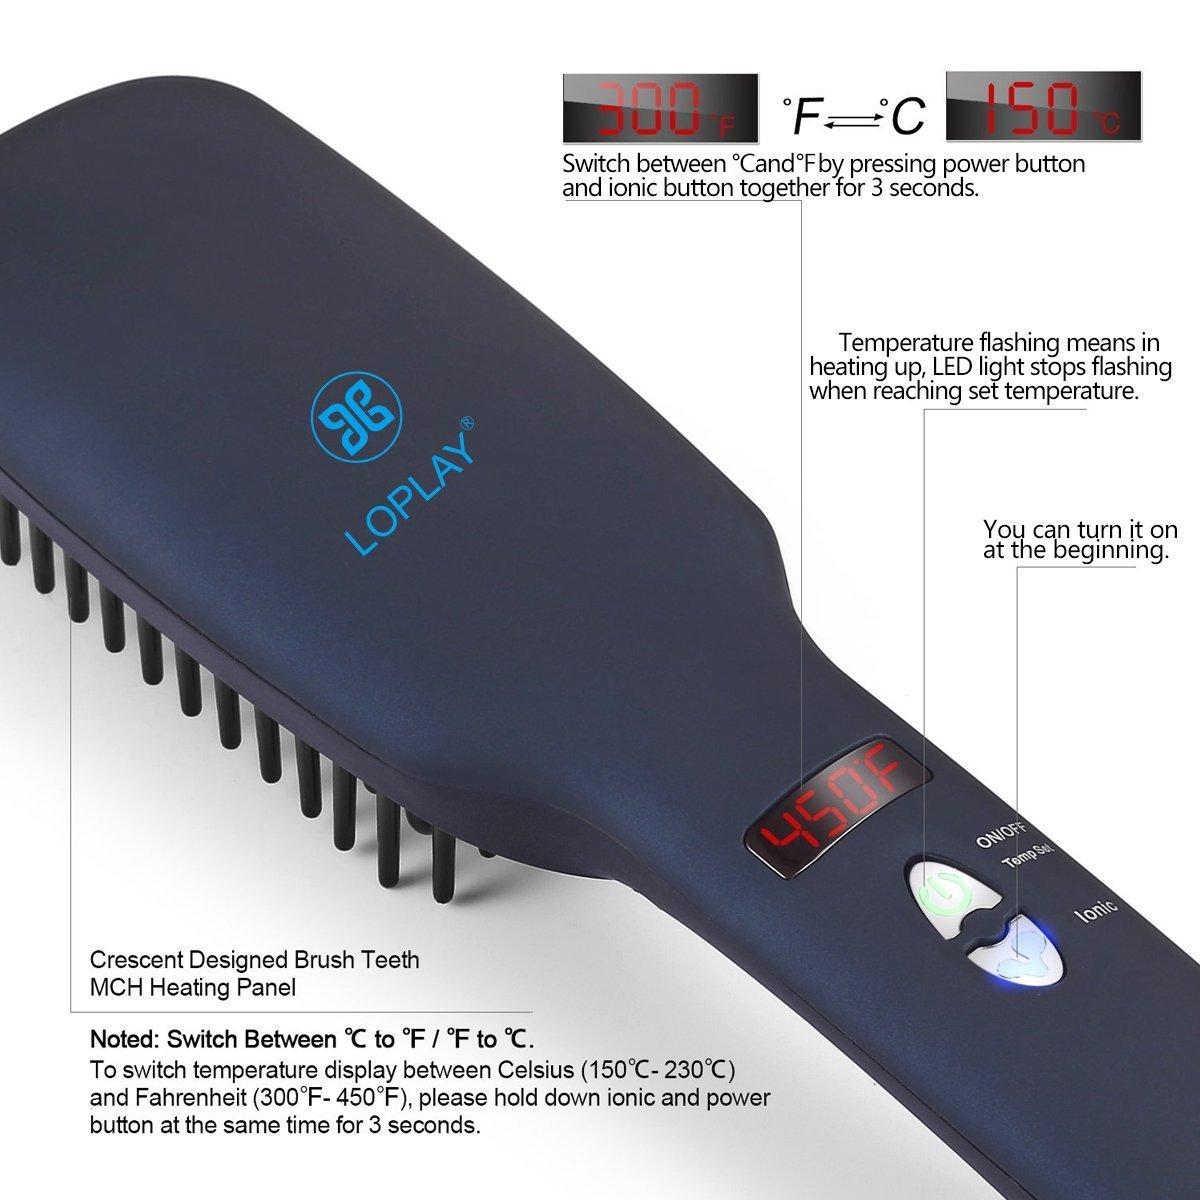 Cepillo para enderezar el cabello, 2 en 1 Cepillo para enderezar el cabello Ionic Cepillo para calentar la cerámica MCH con temperatura ajustable: ...